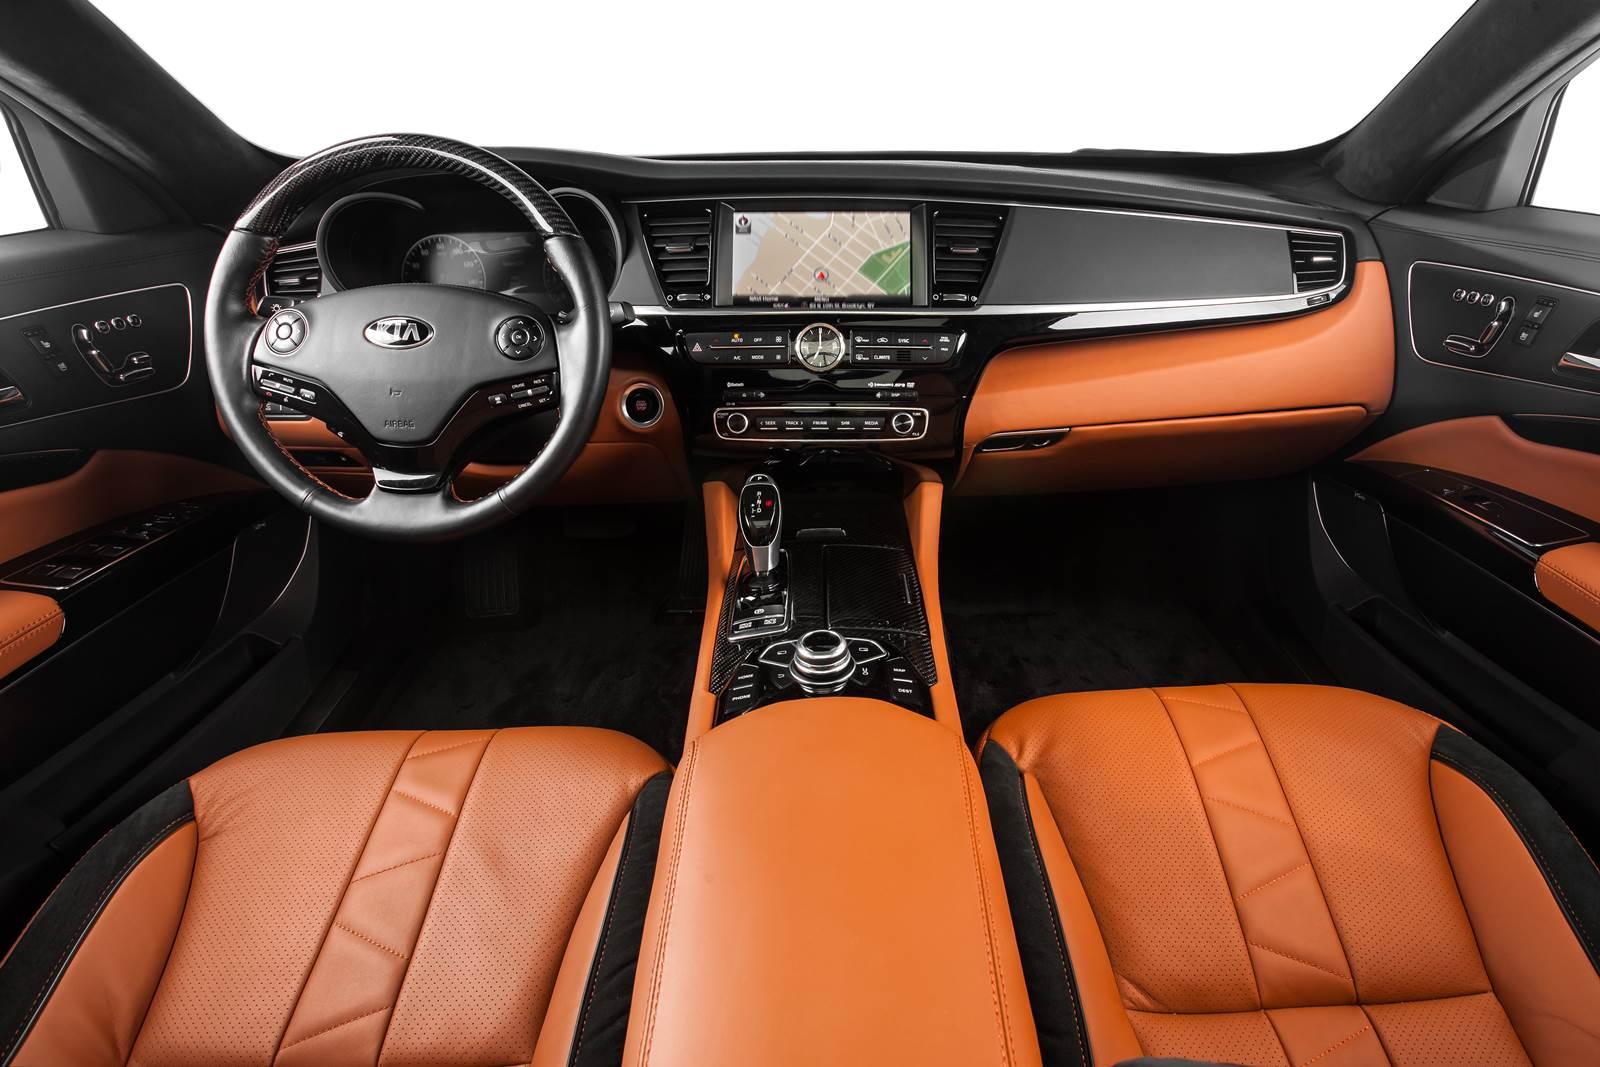 kia k900 quoris eleito carro internacional do ano 2015 car blog br. Black Bedroom Furniture Sets. Home Design Ideas